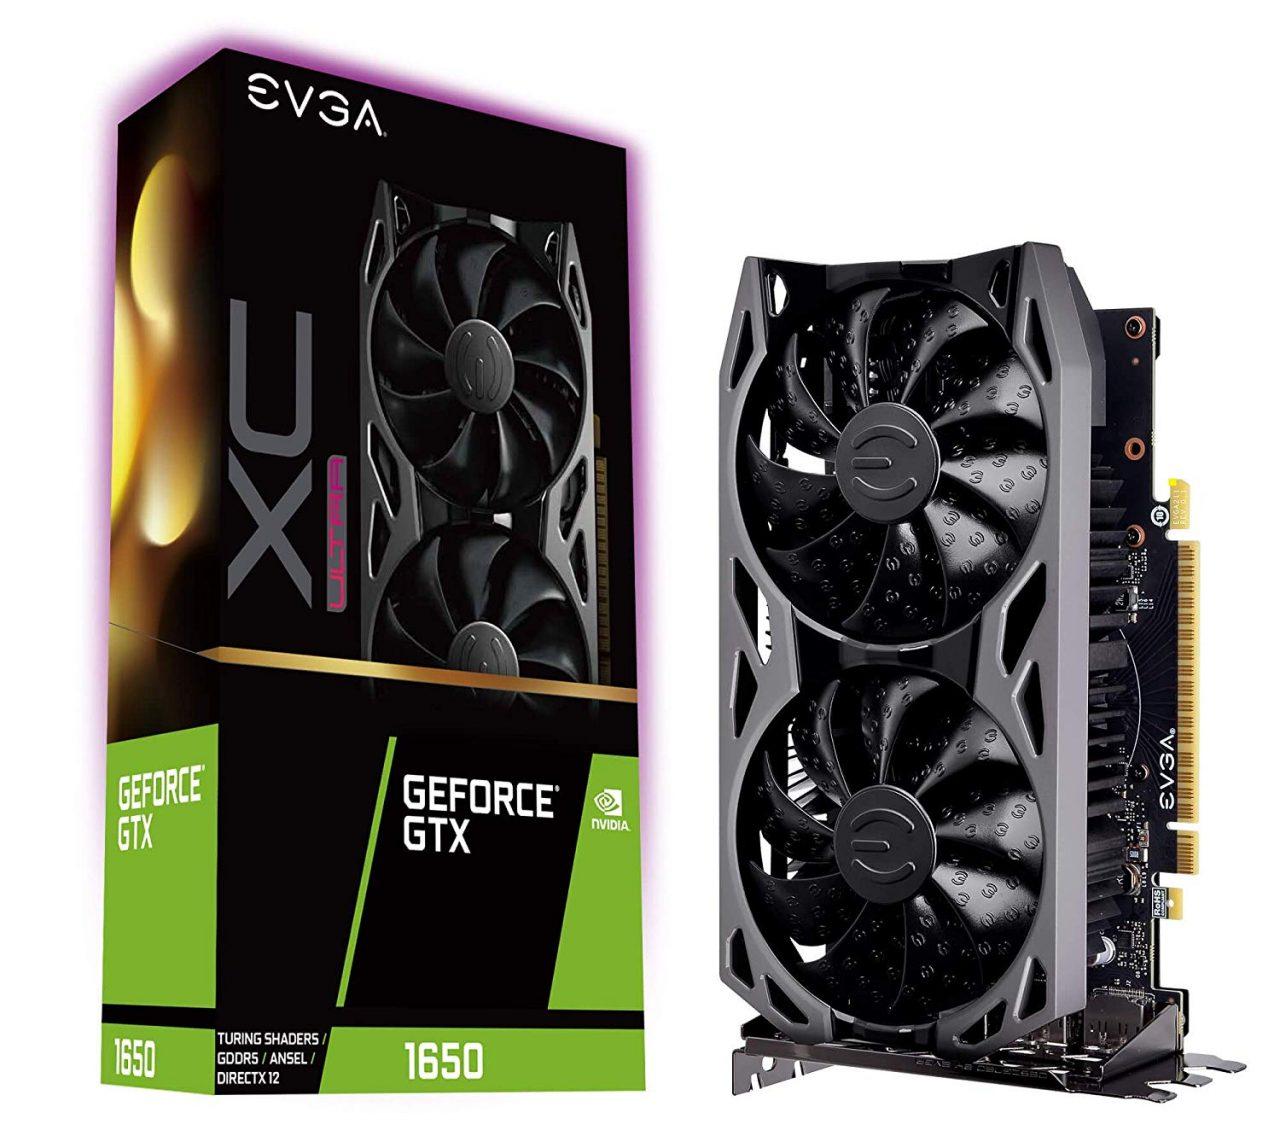 EVGA GTX 1650 al miglior prezzo di sempre: un best buy per il PC gaming a basso costo